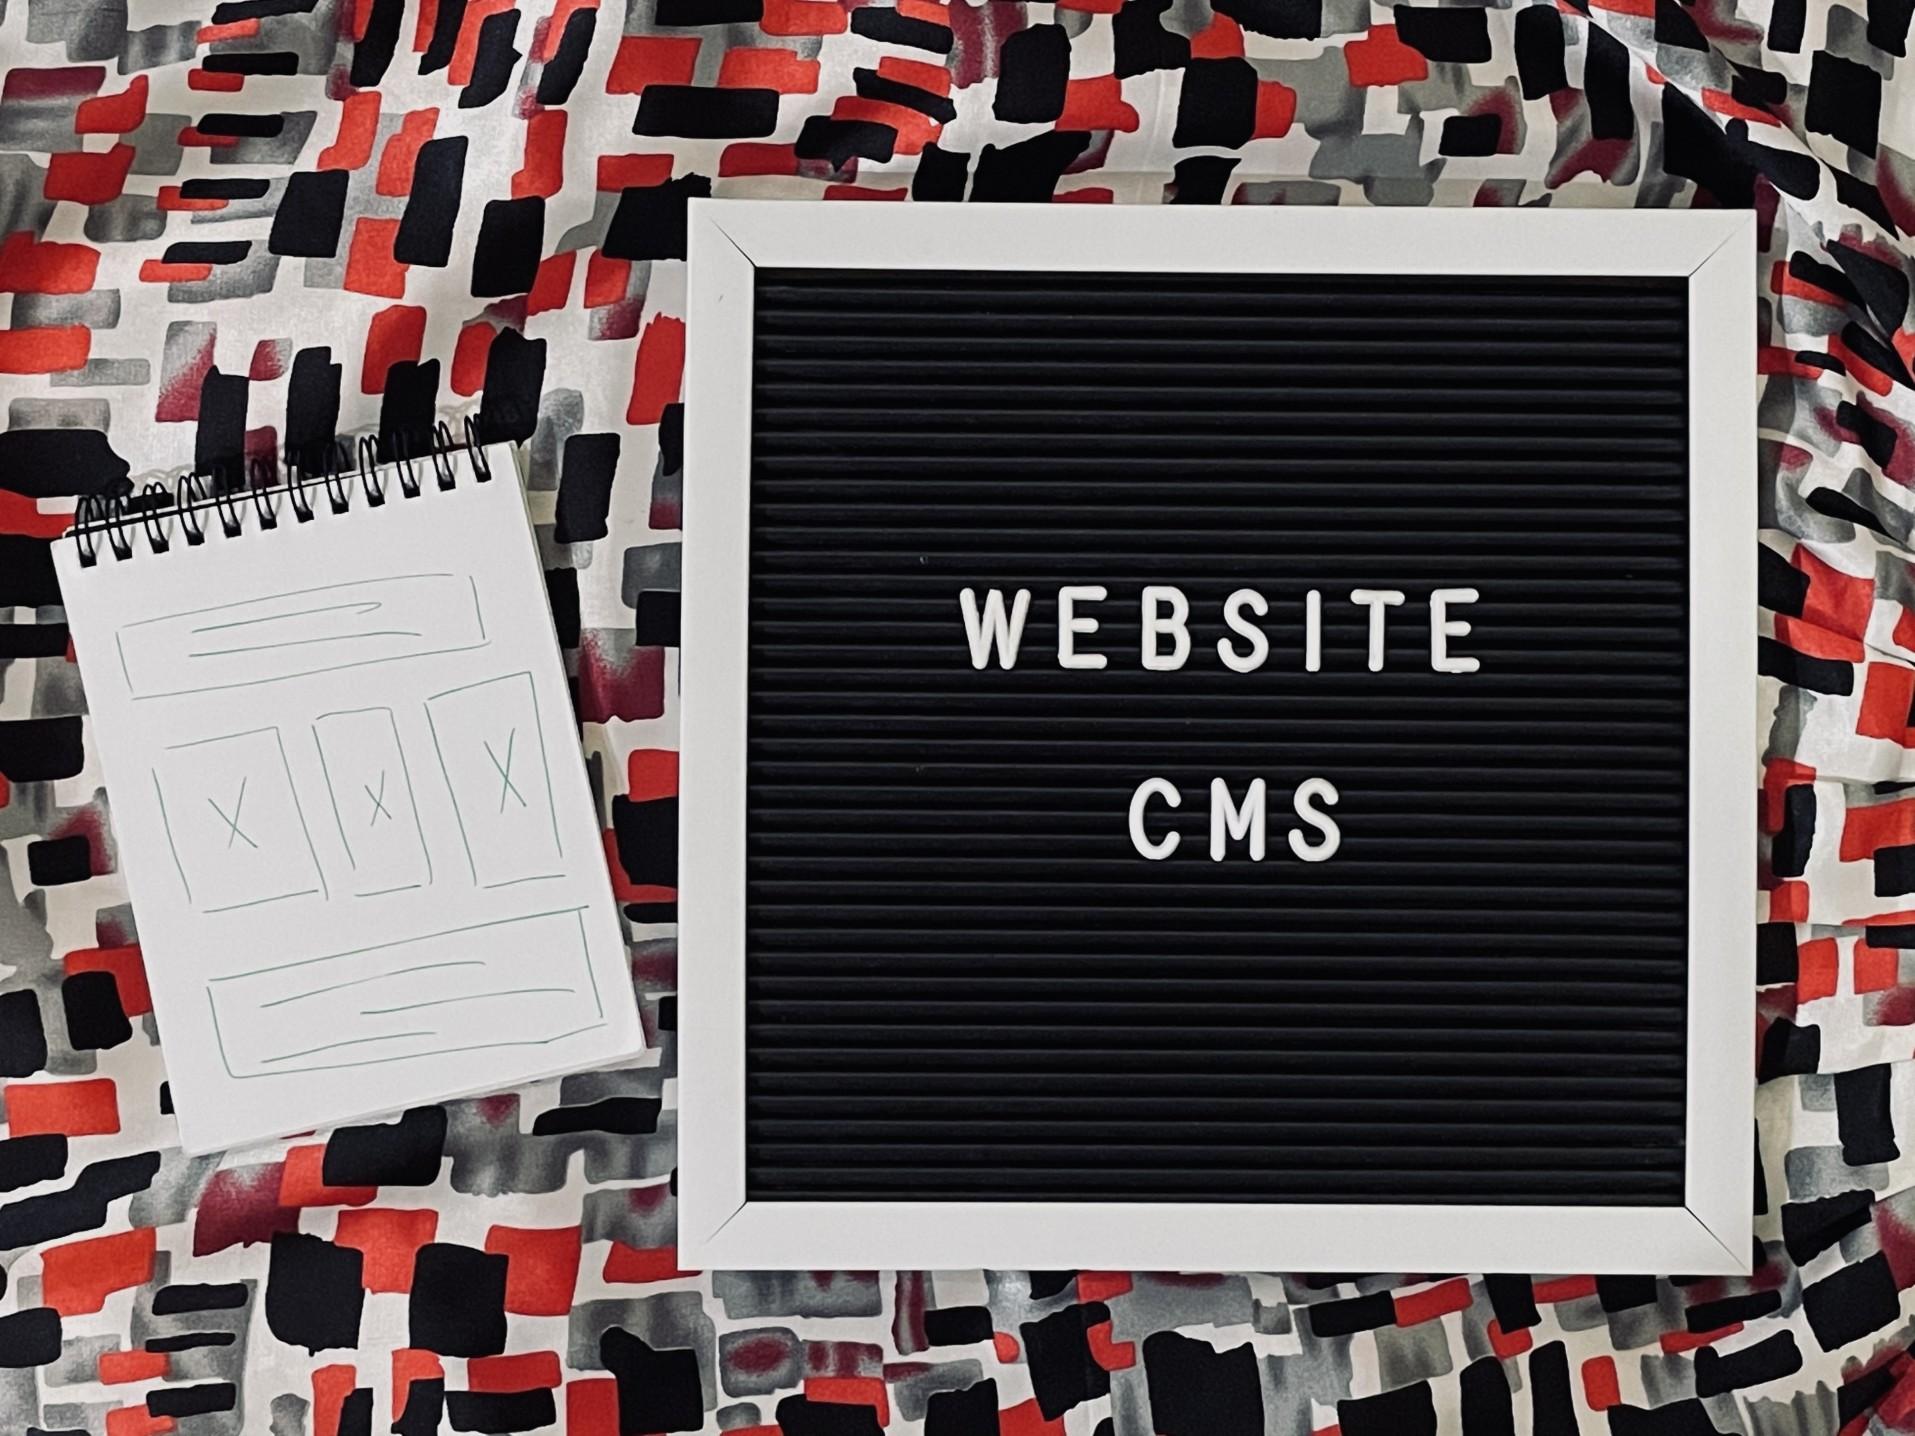 web-design-cms-content-management-system-web-agency-web-cms_t20_8OePlz